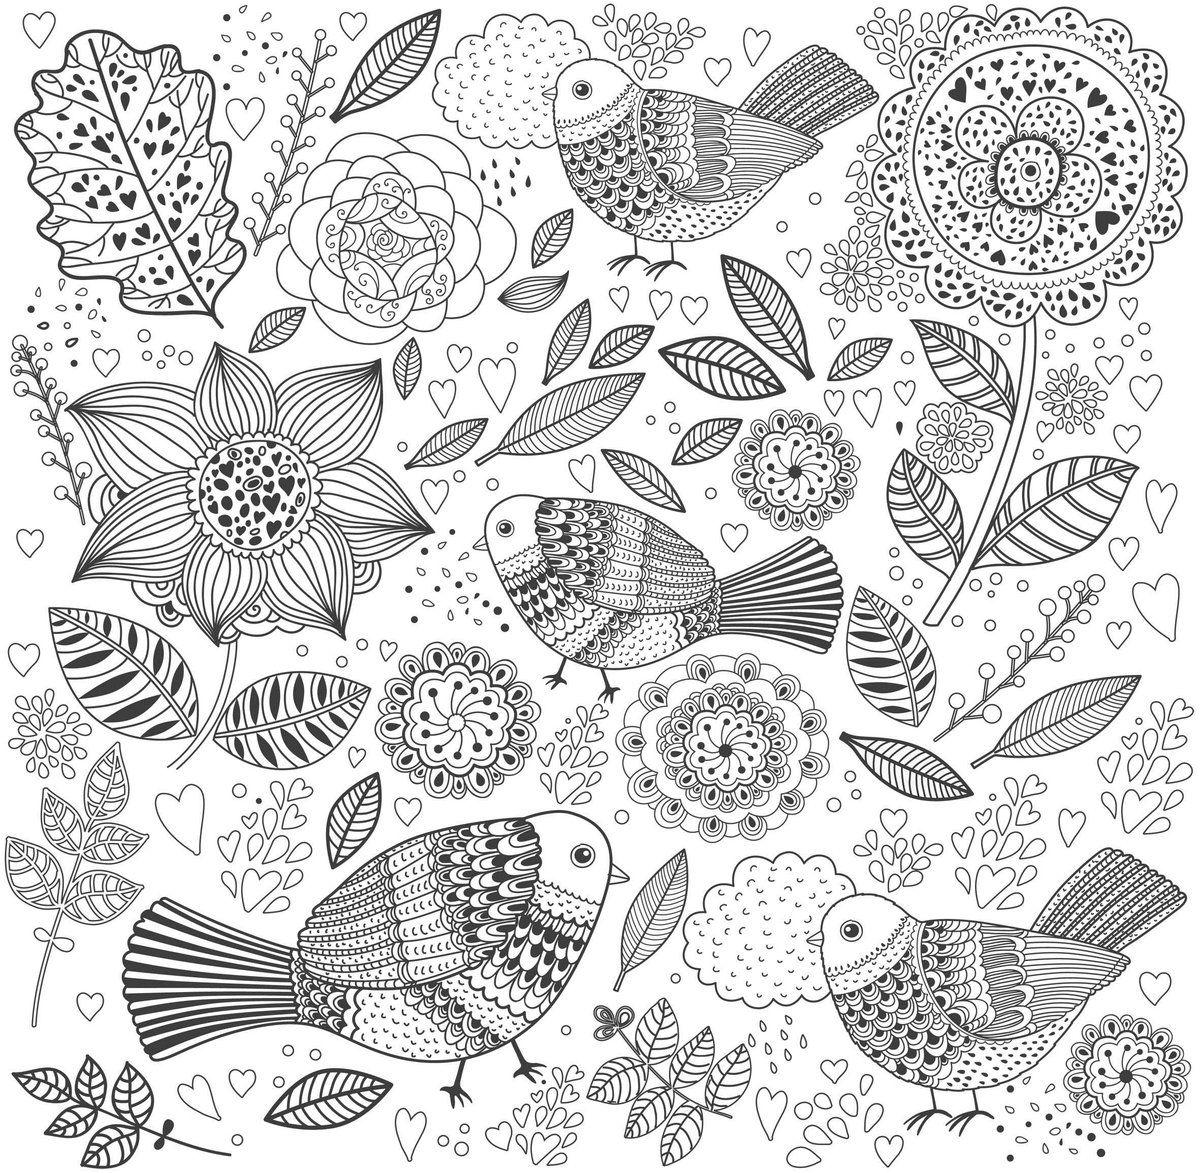 Птицы в цветах. Раскраска антистресс | Раскраски, Рисунок ...